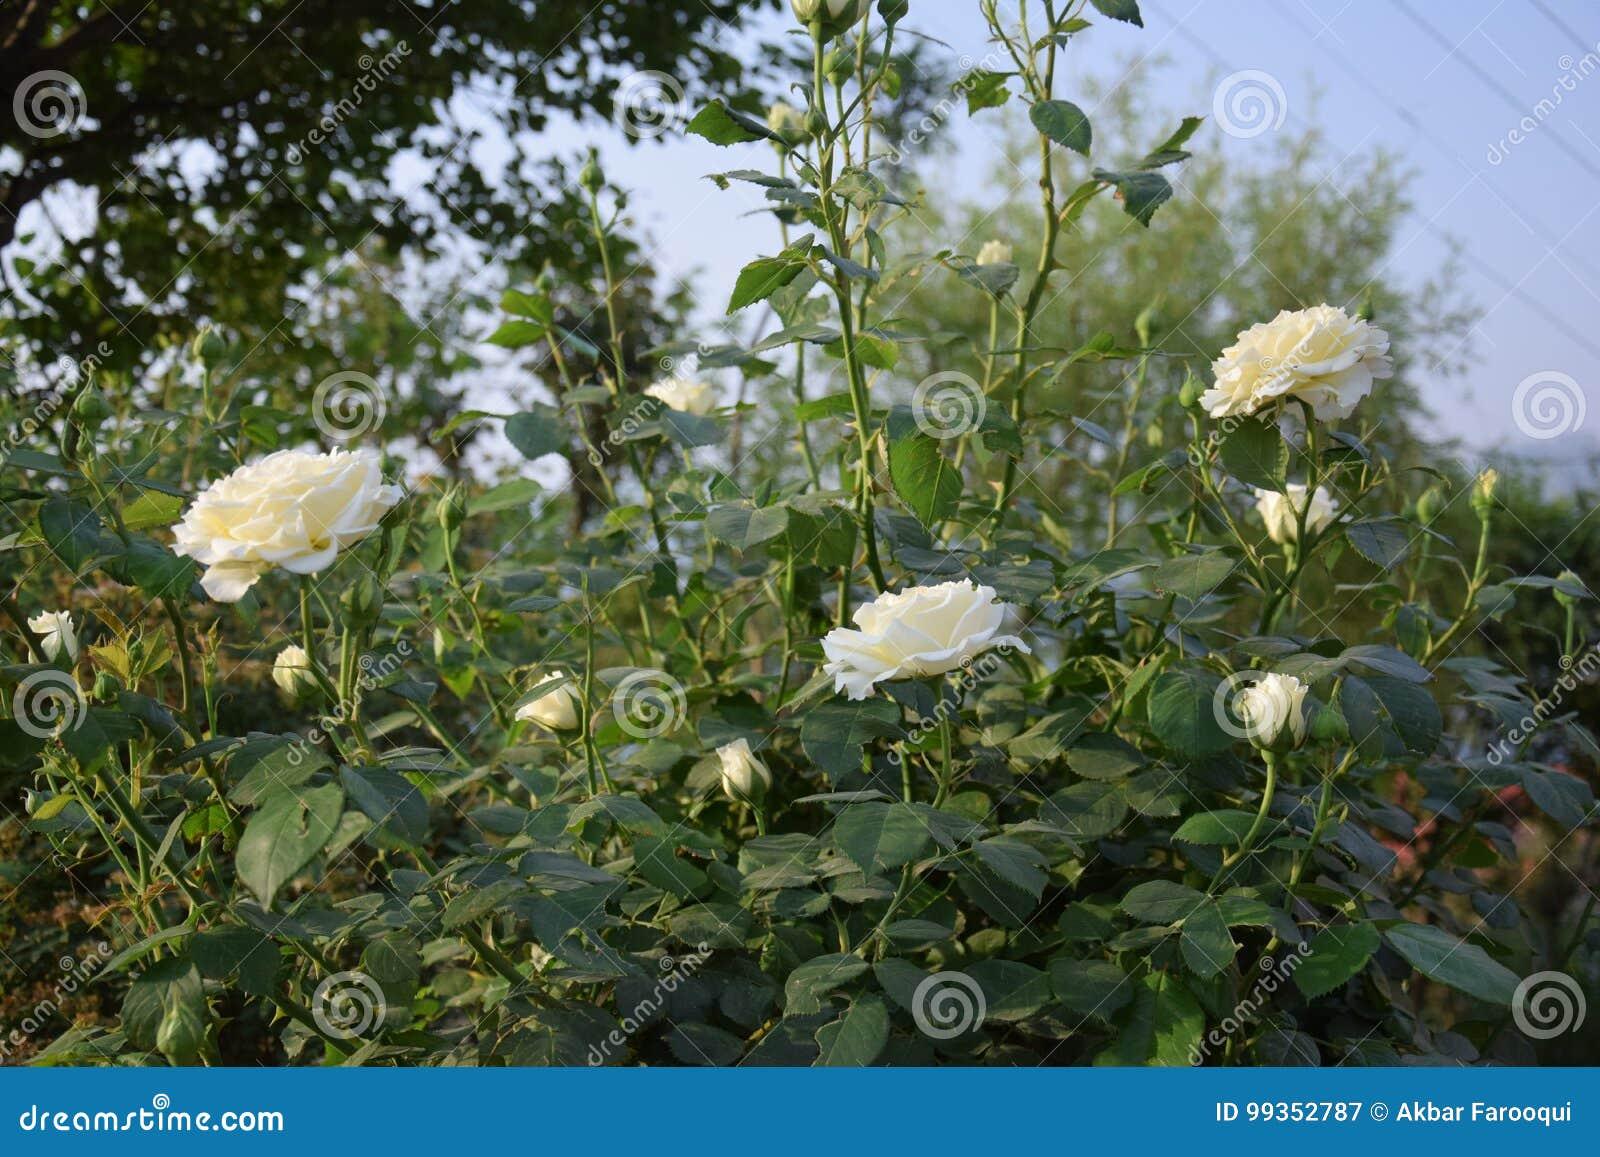 White Roses Stock Image Image Of Bushes Beautiful Himalayas